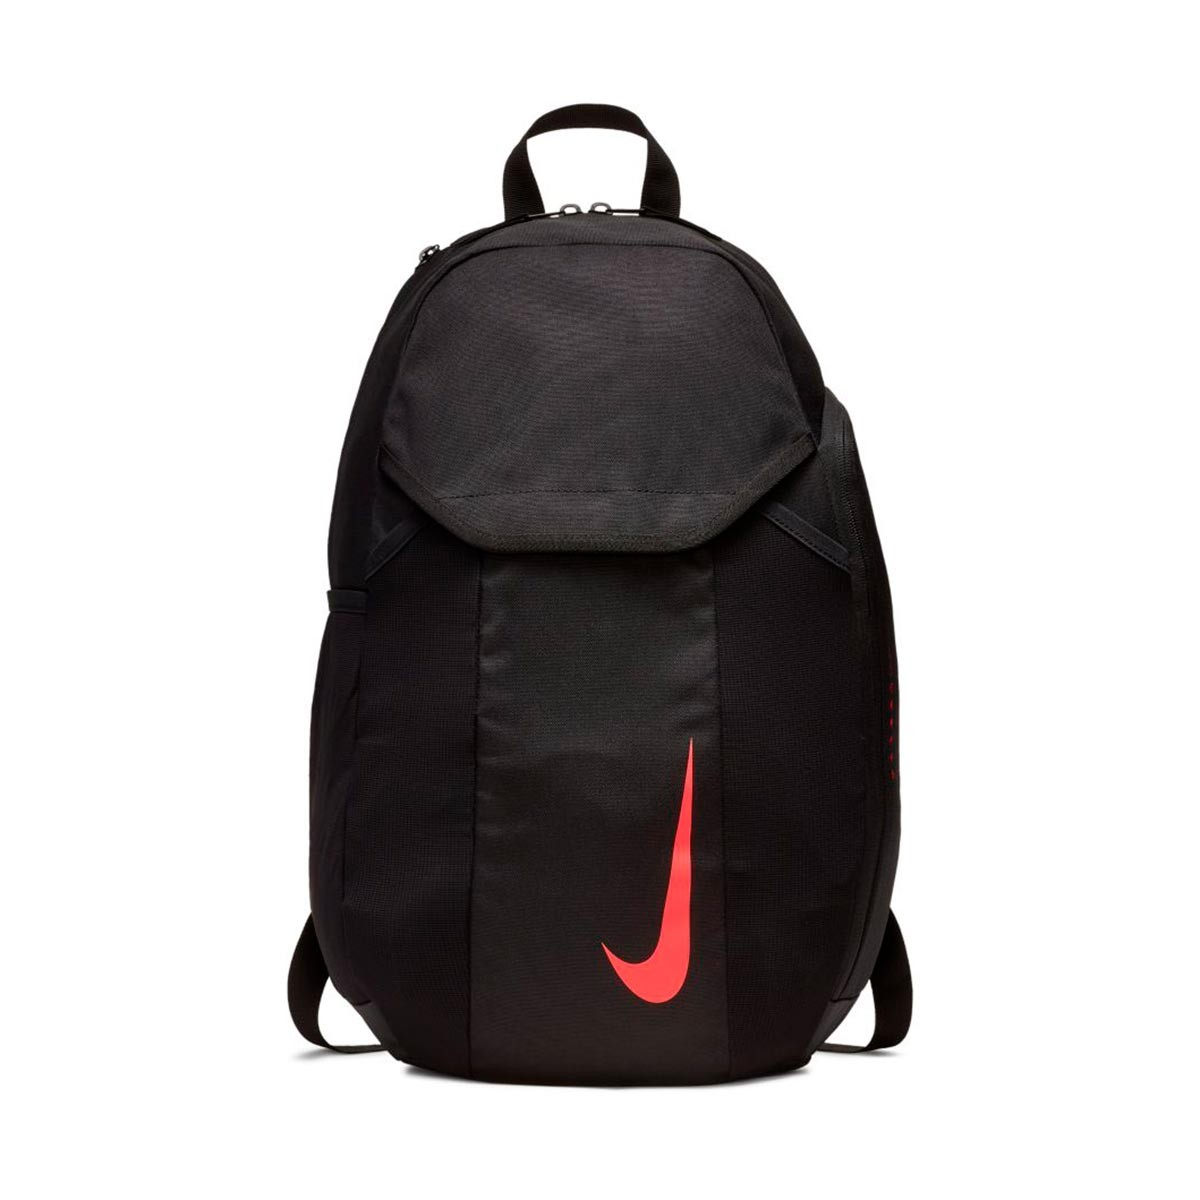 En contra Presidente cola  Mochila Nike Nike Academy Black-Red orbit - Tienda de fútbol Fútbol Emotion